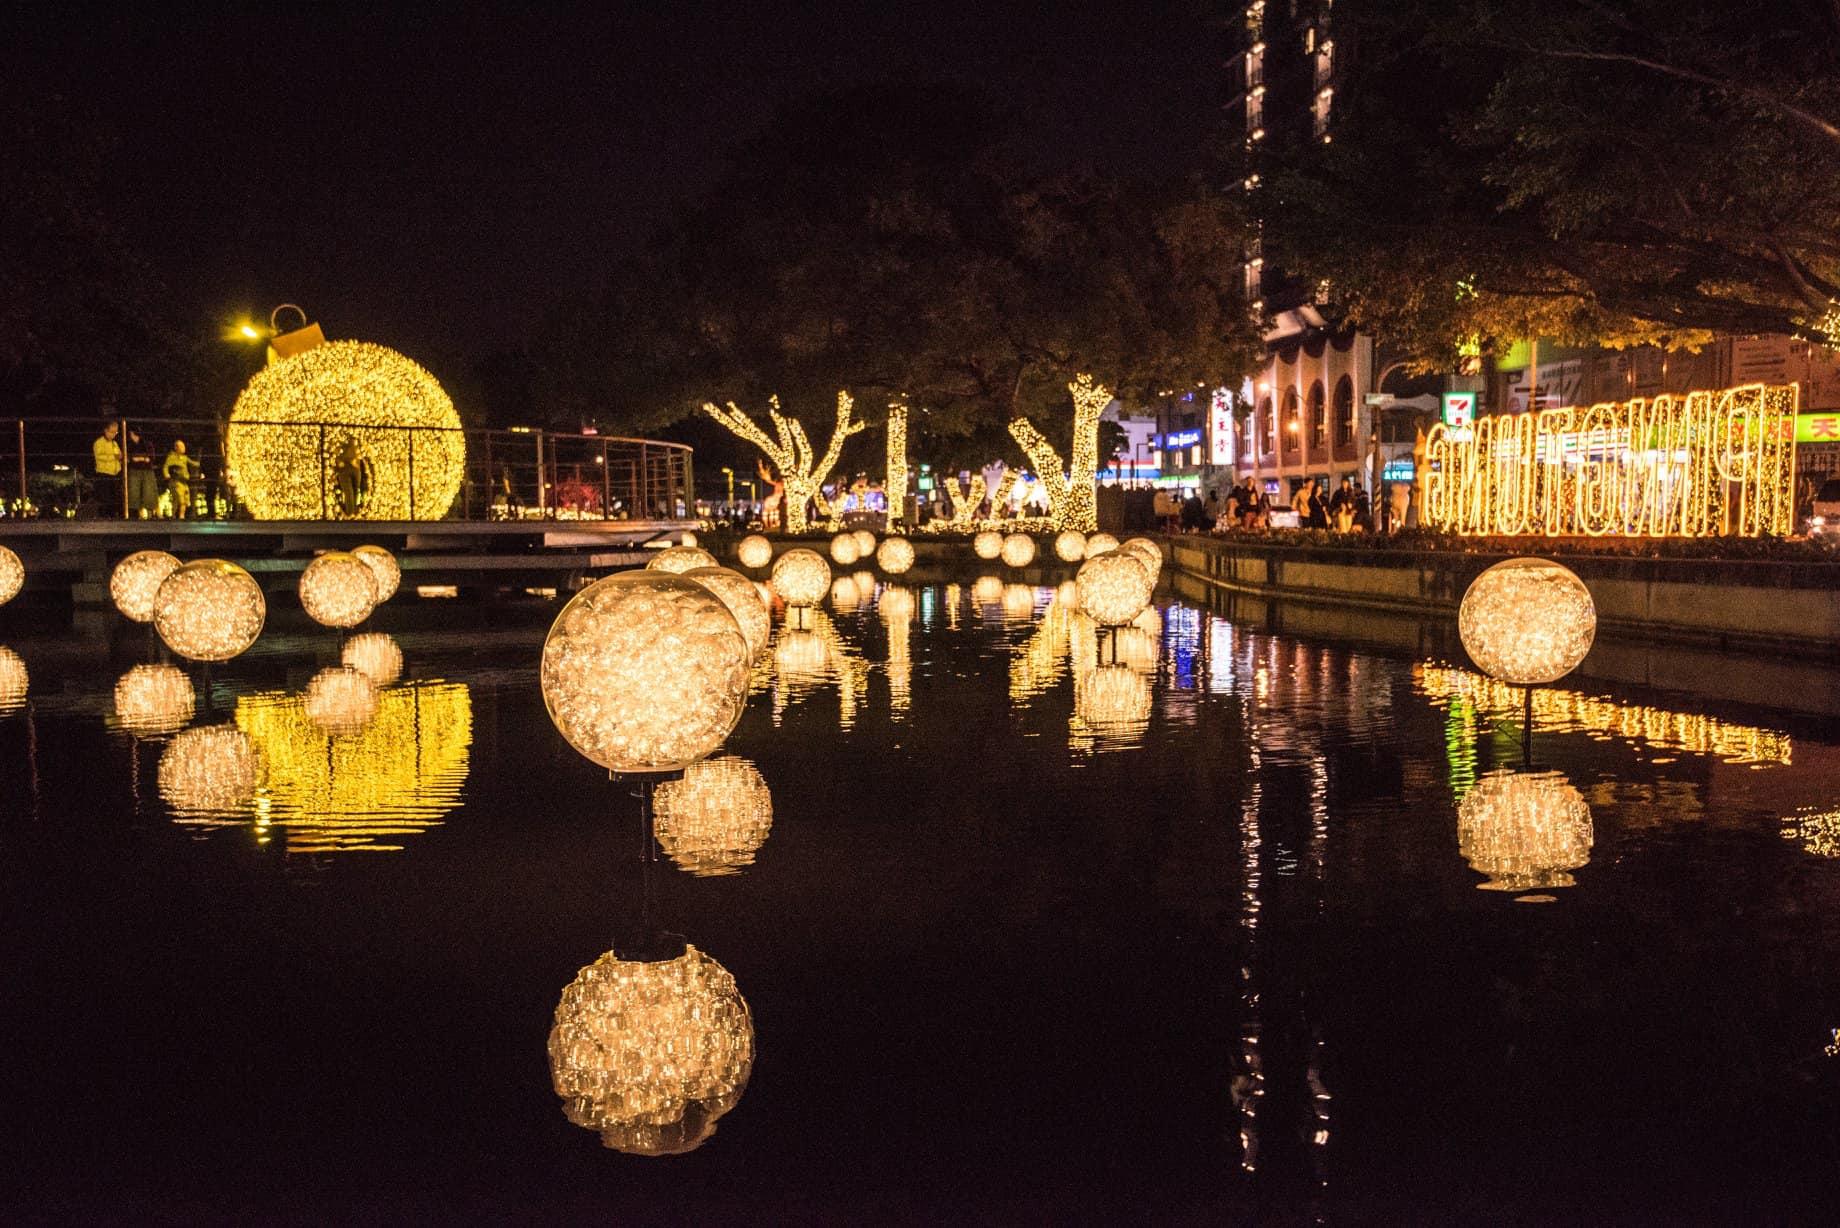 屏東聖誕節在屏東公園盛大開跑,以奇幻金色為基調,建造充滿奇幻冒險的童話故事世界。圖/屏東縣政府傳播暨國際事務處臉書粉絲專頁